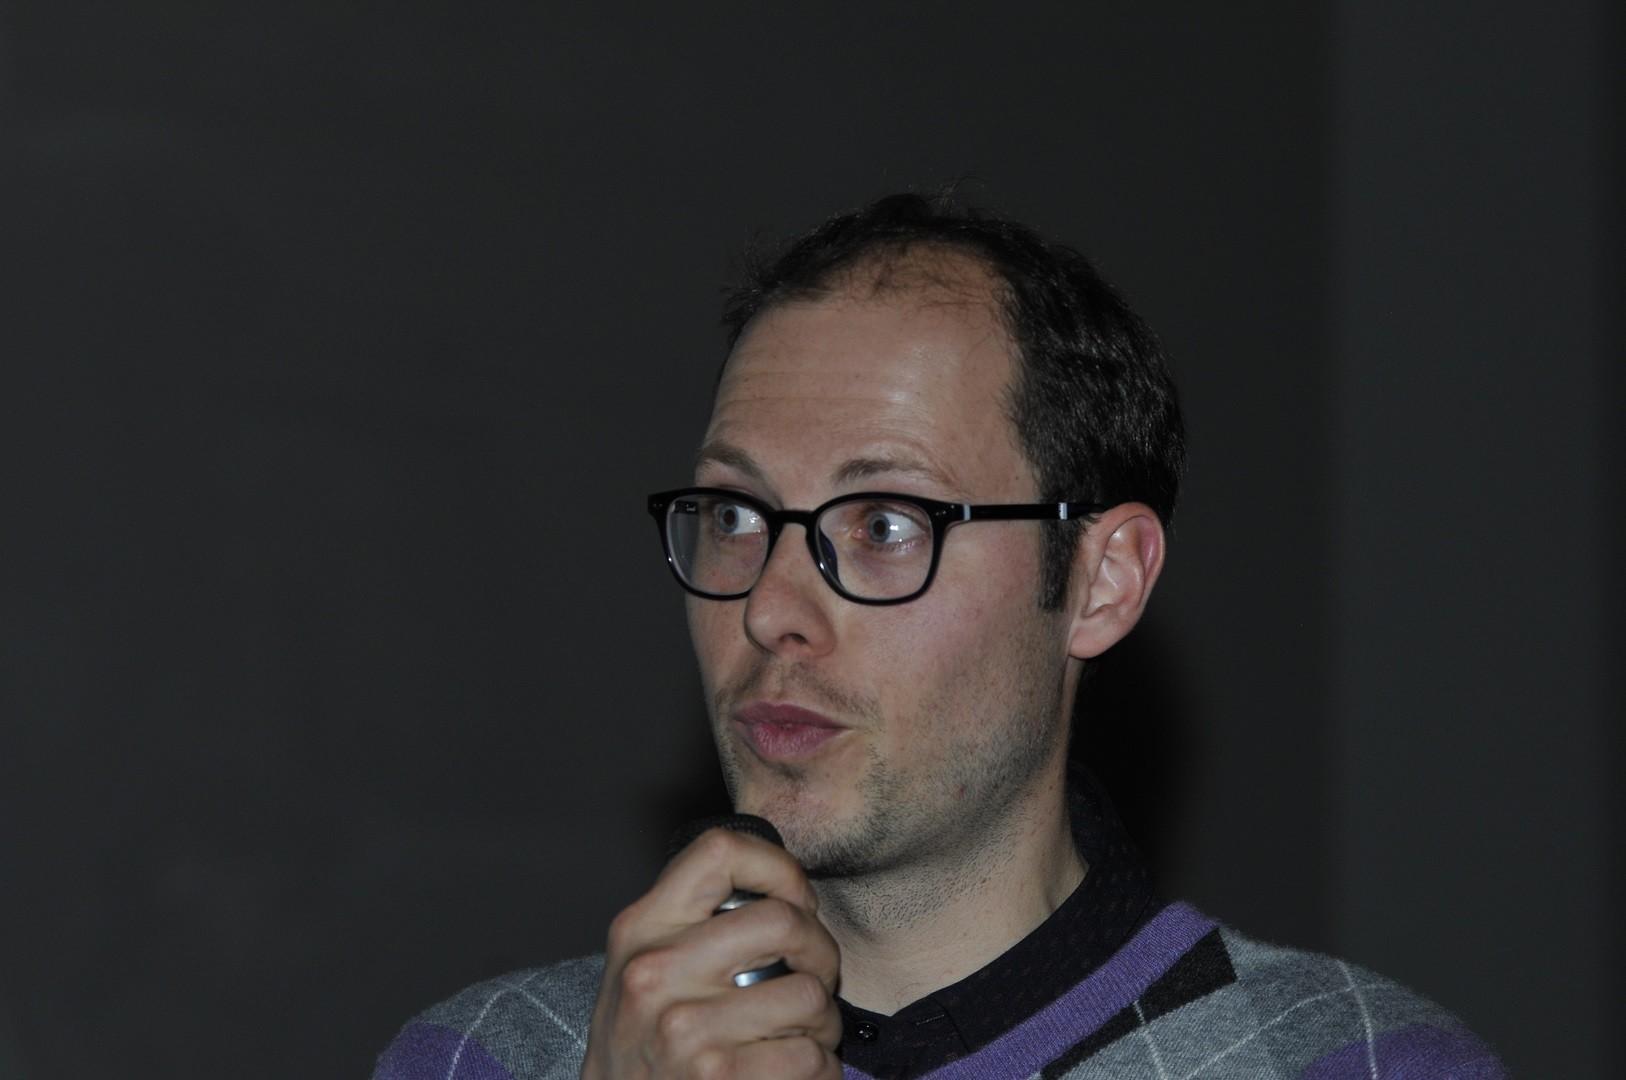 Gionata Consagra, archéologue suisse répond aux questions du public sur Les mystères d'Orikum